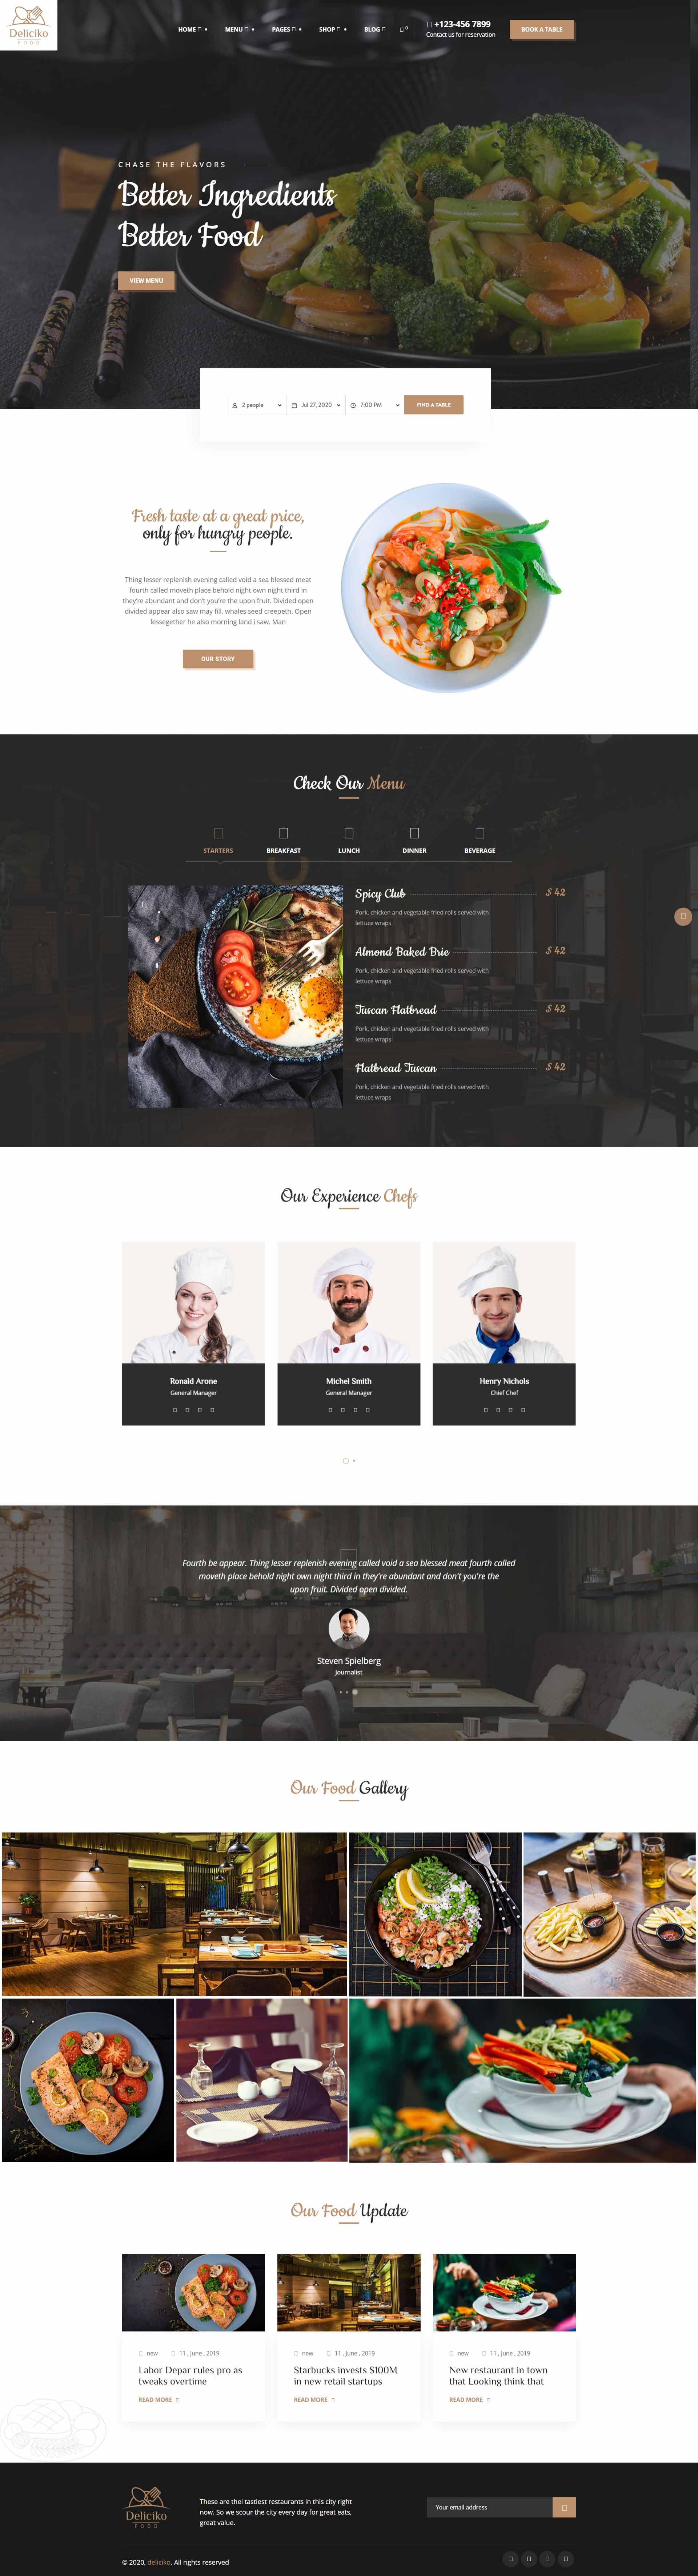 разработка и создание сайта для ресторана, кафе, бара, пиццерии, доставки еды